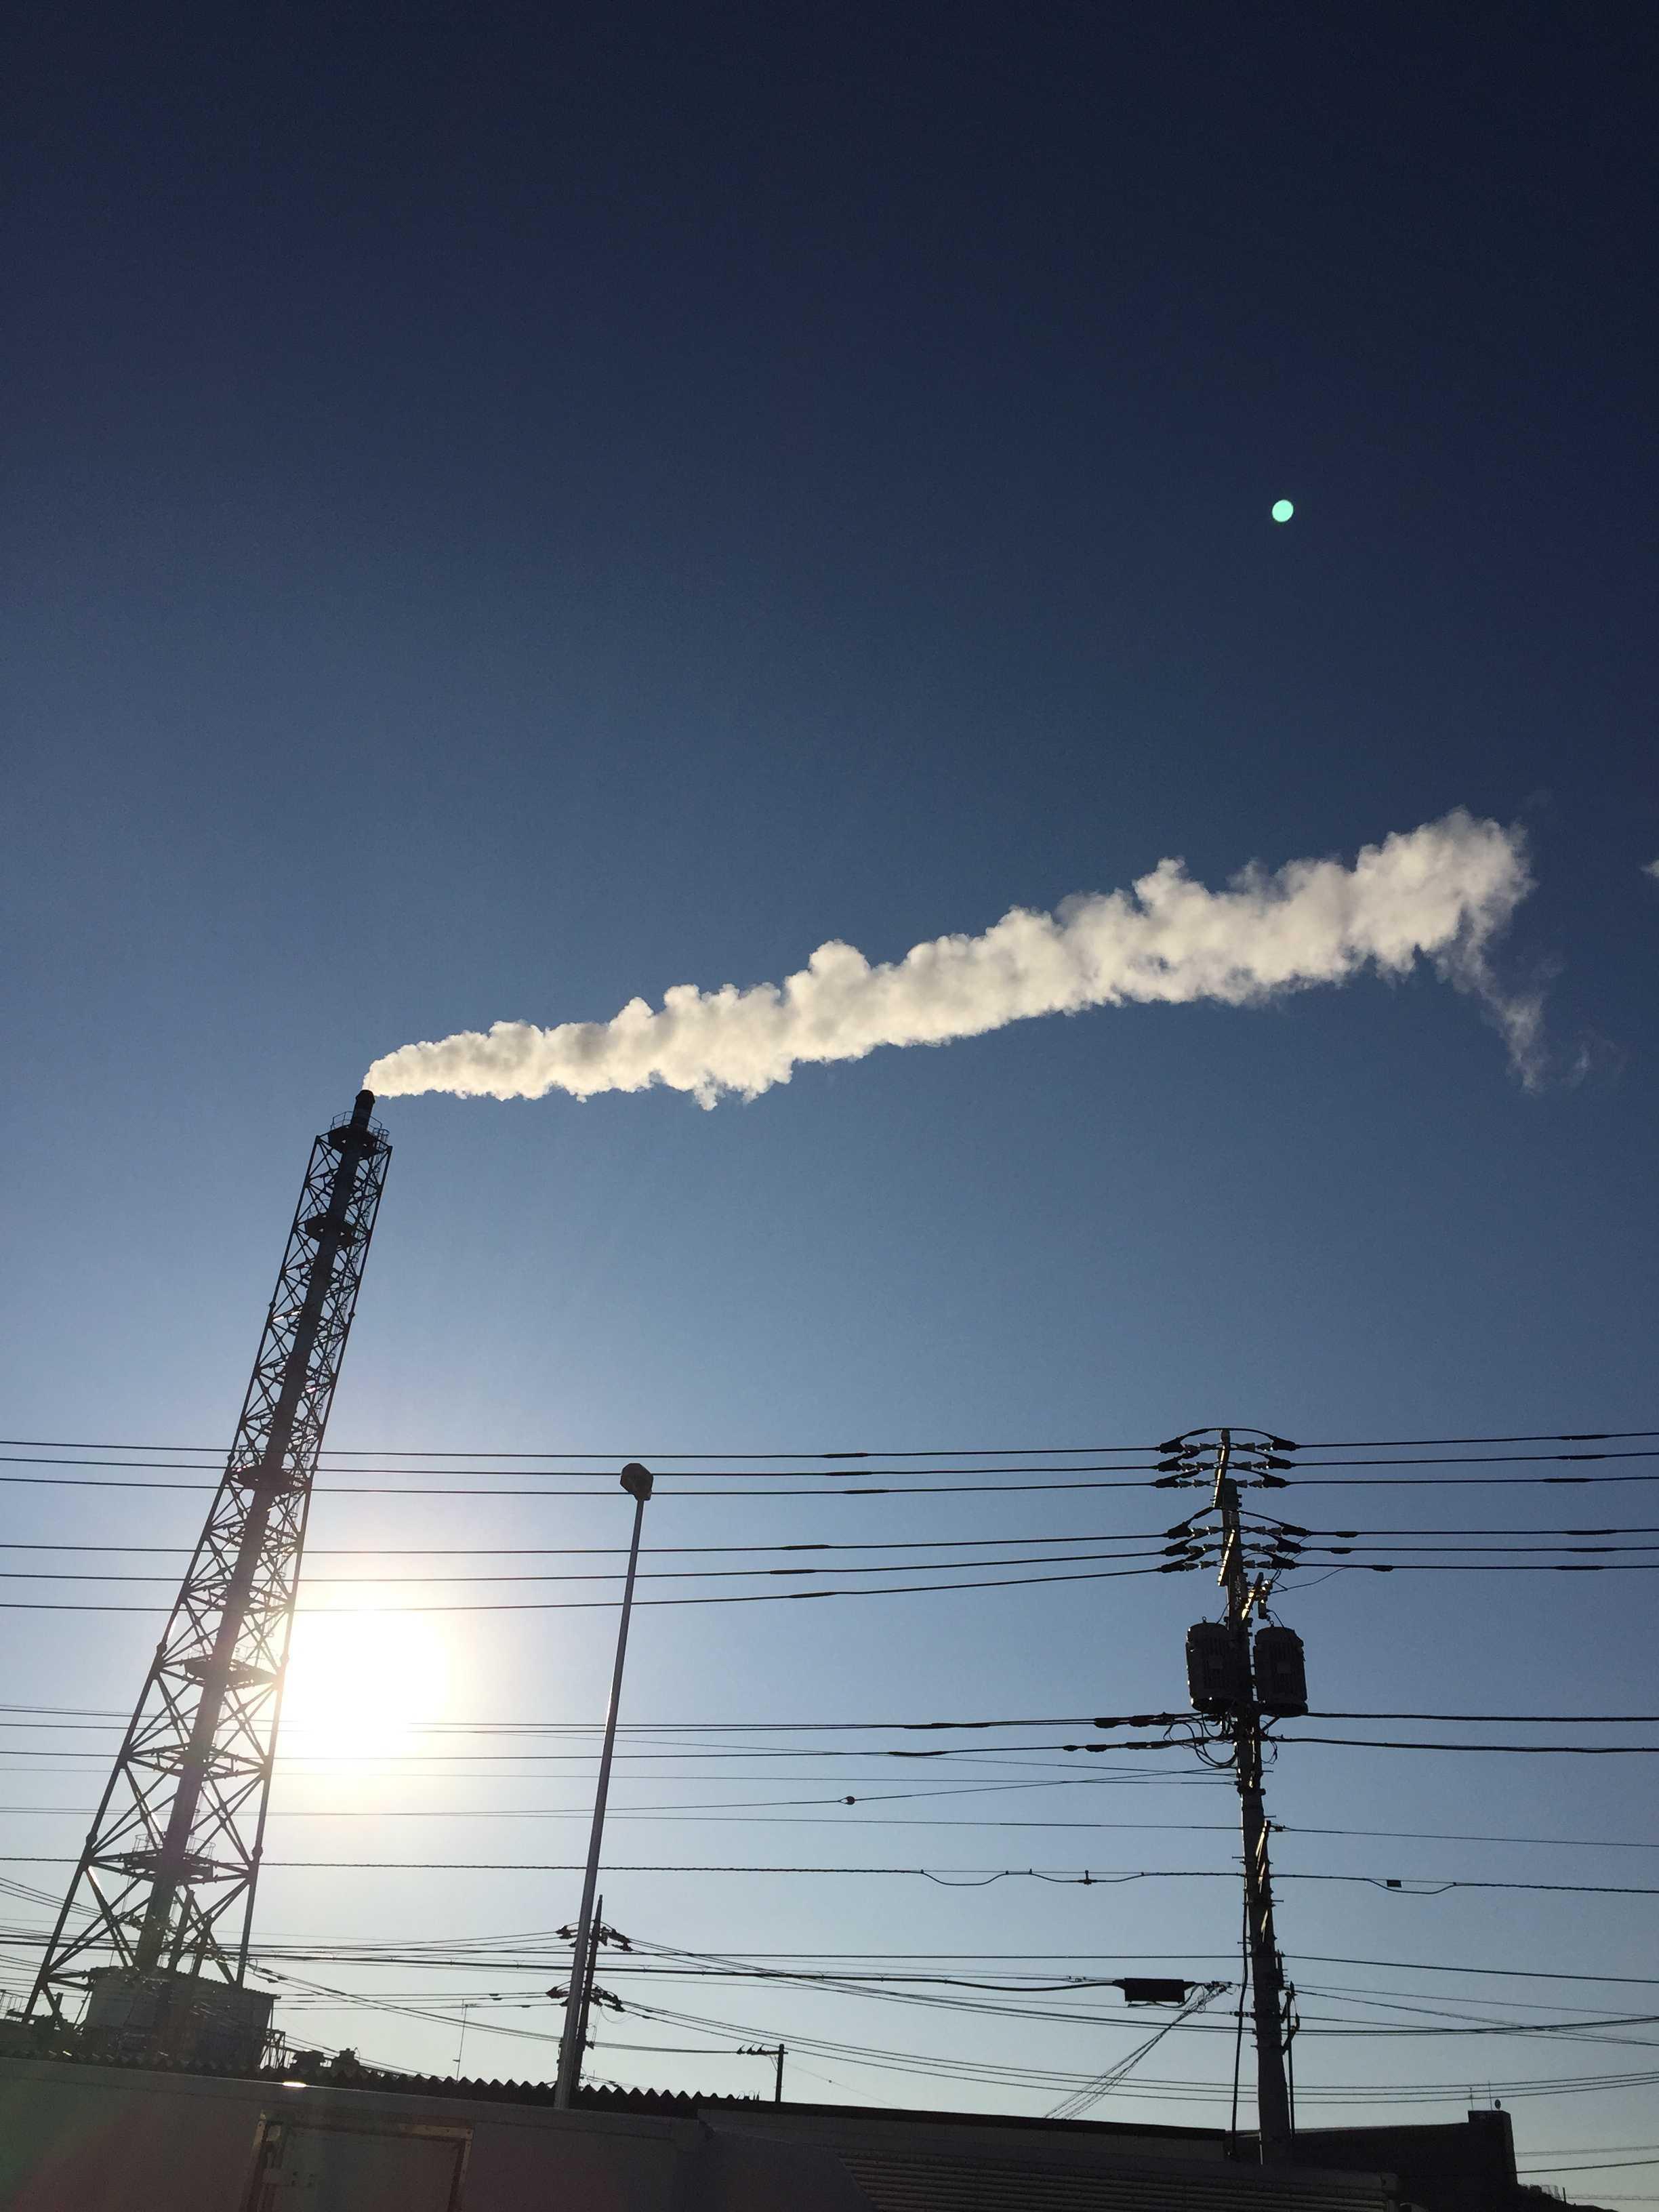 橋本五差路近くの煙突の白い煙